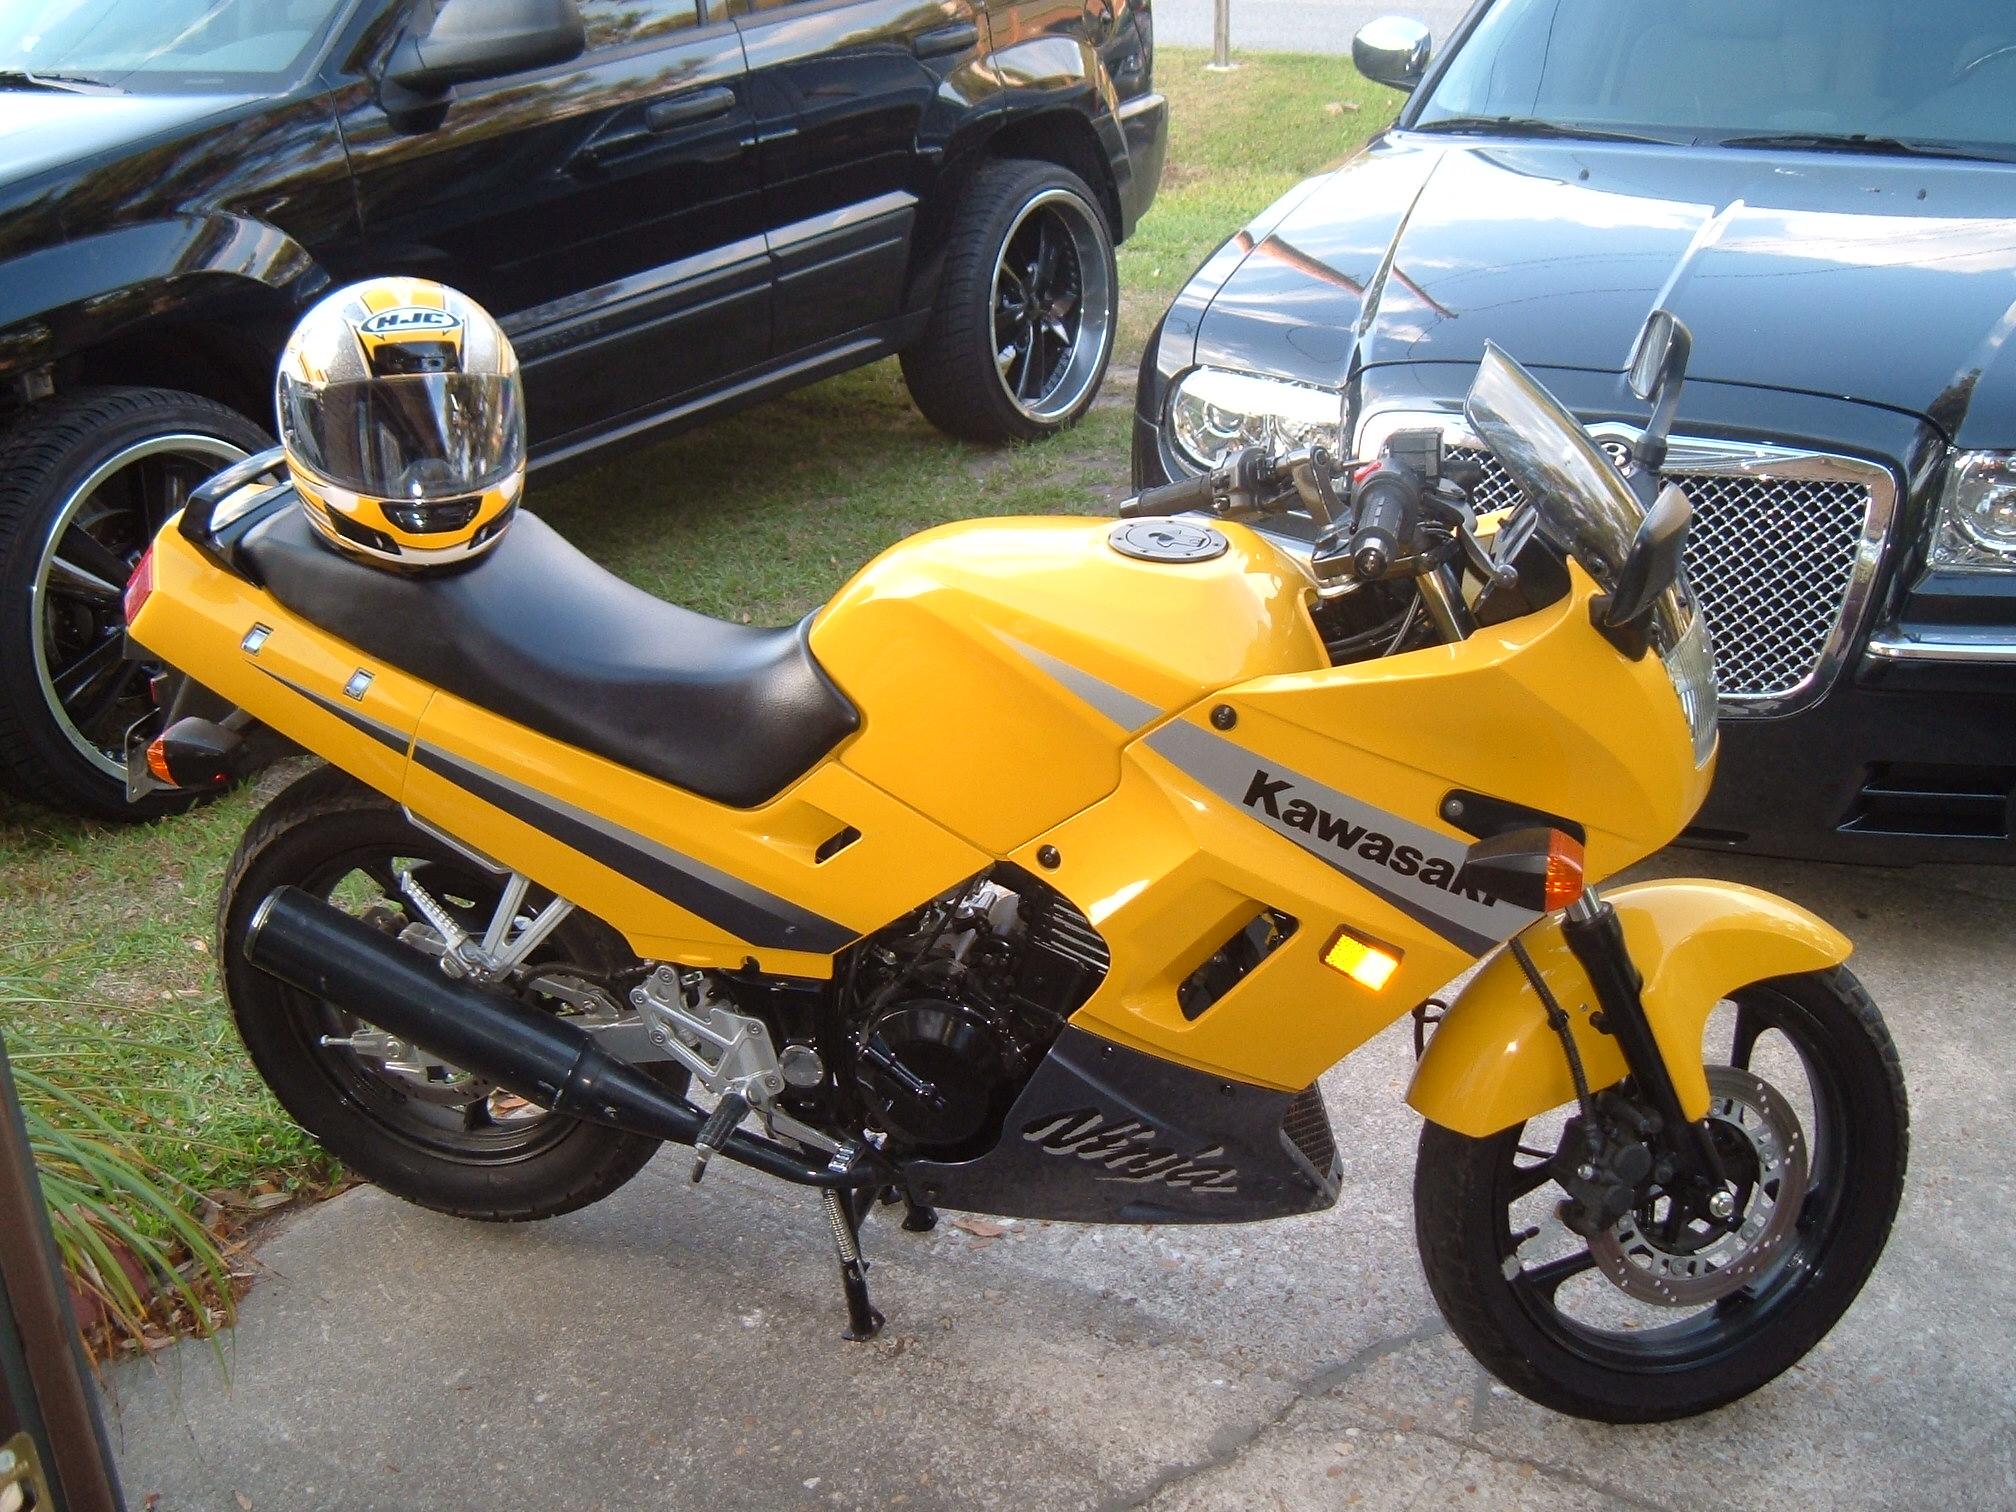 2007 Kawasaki Ninja 250r Helmet Lock Ash Cycles